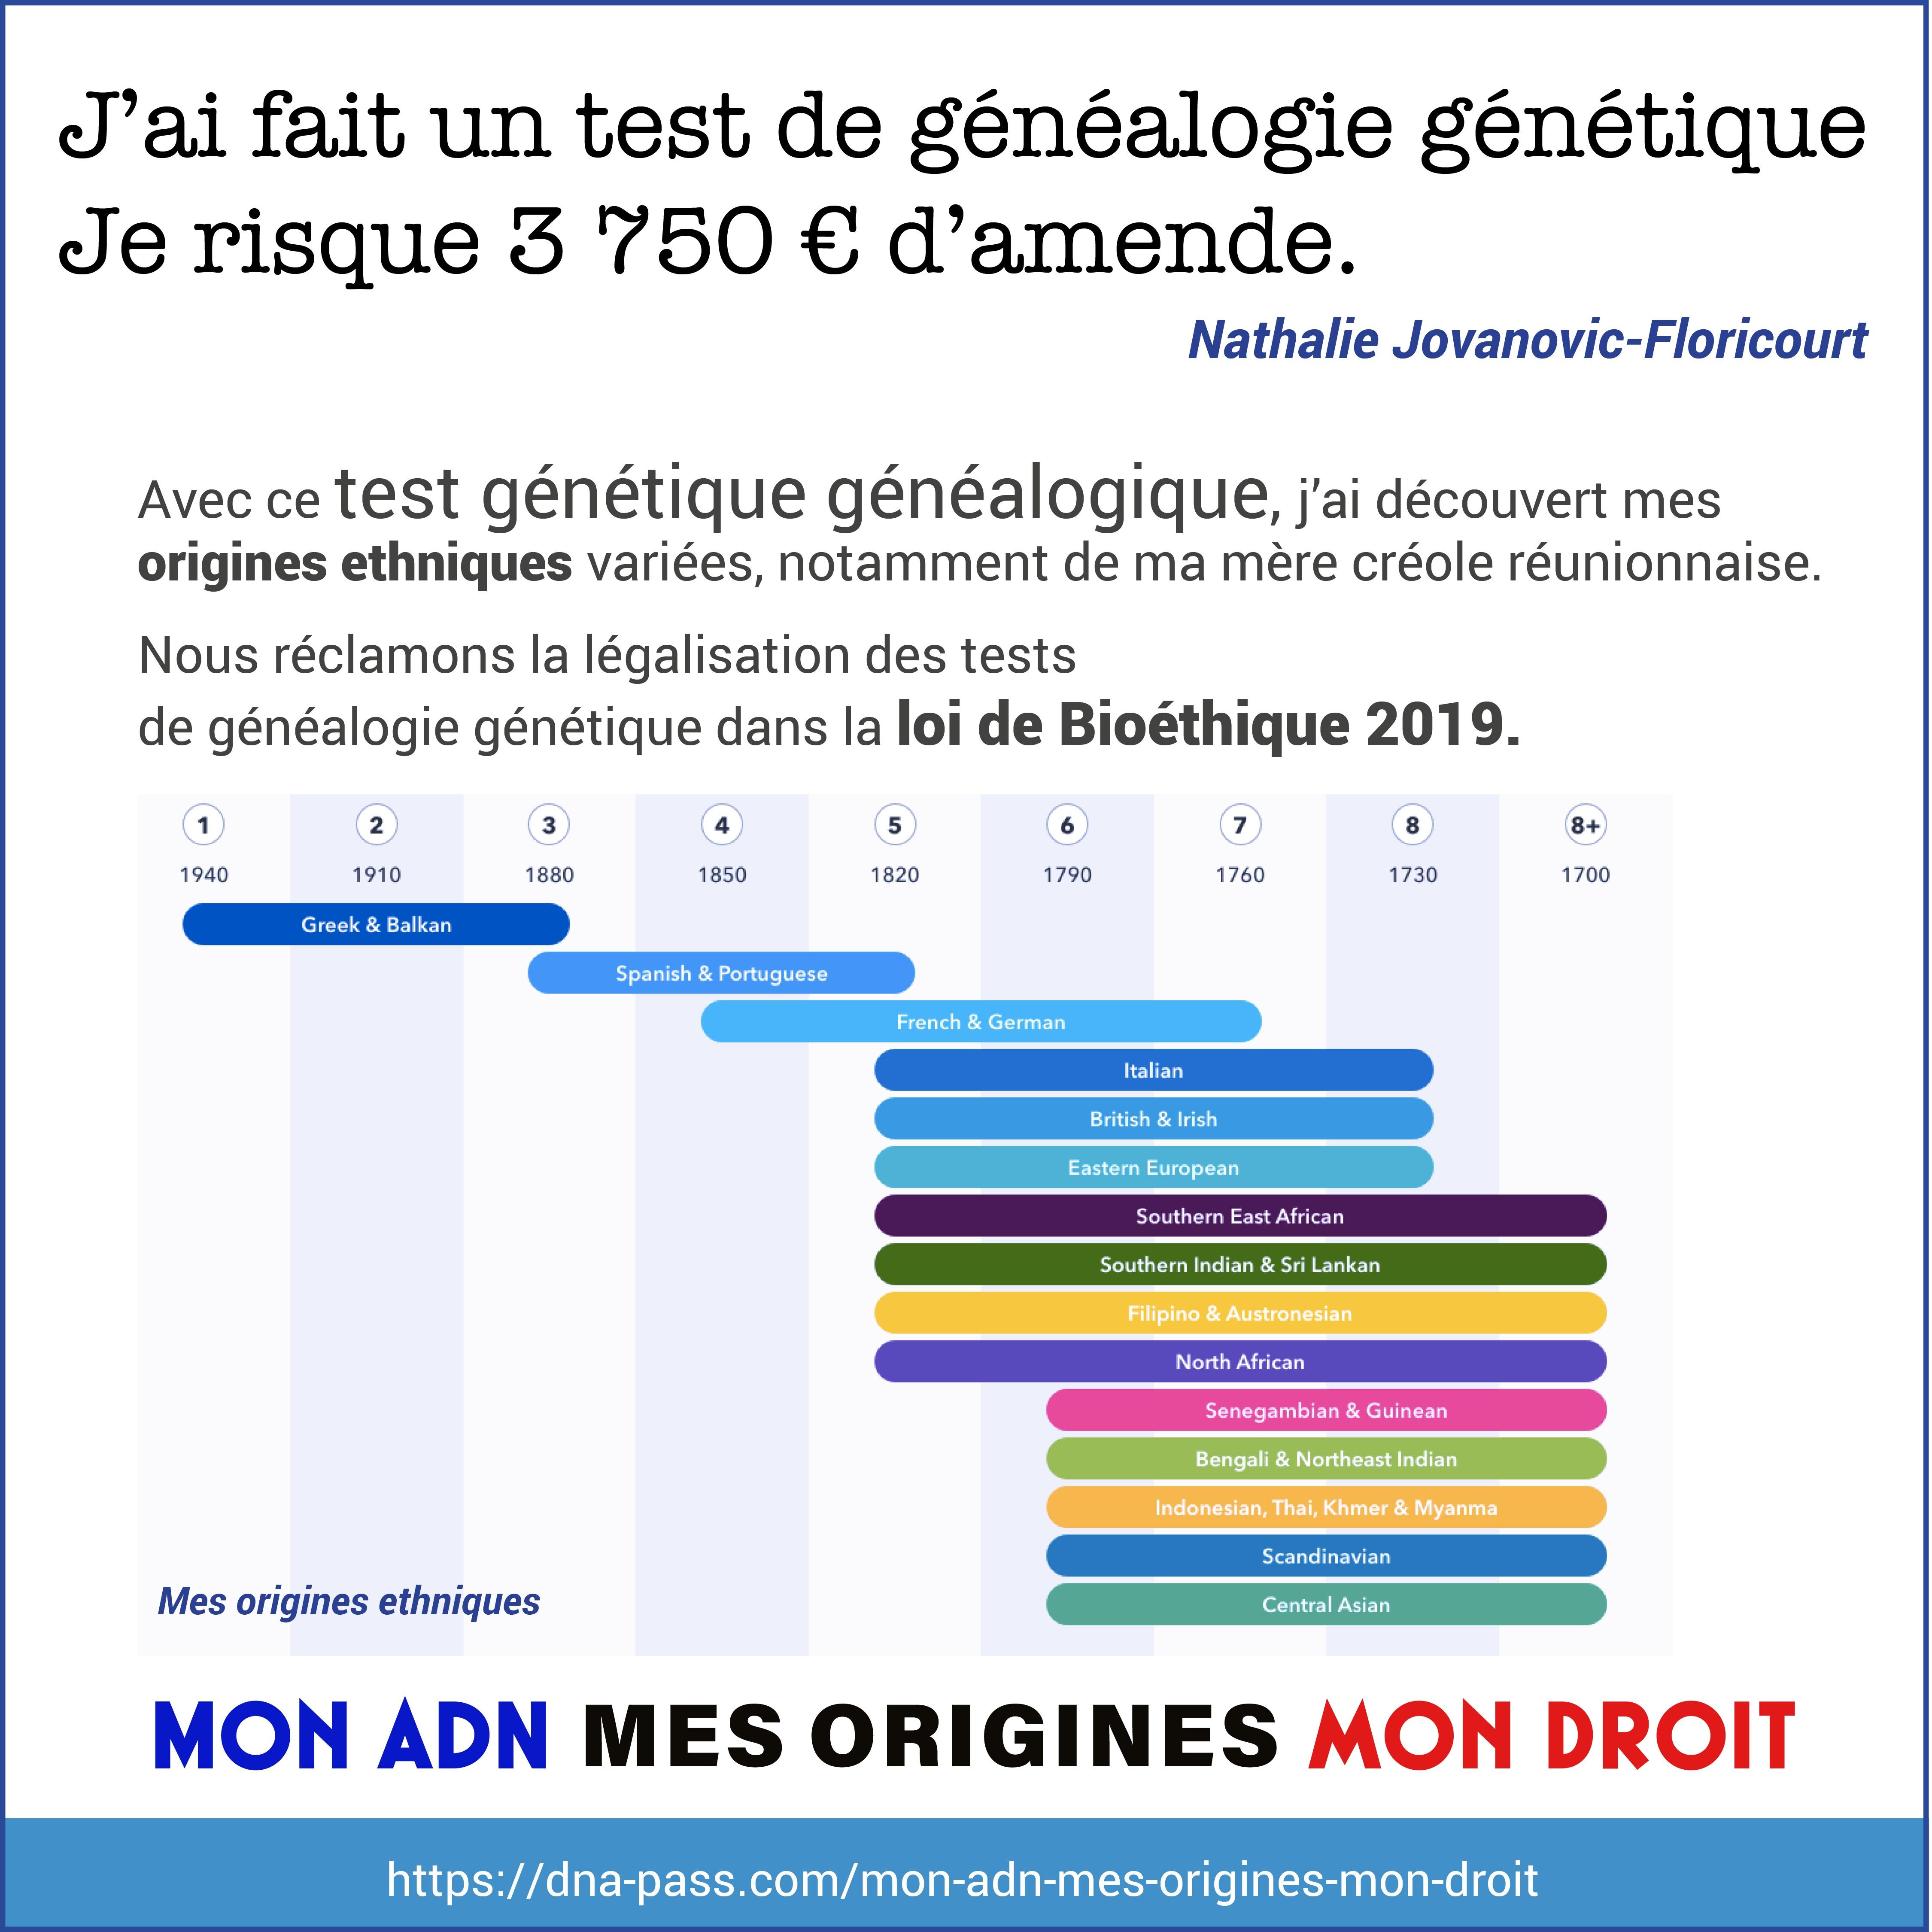 J'ai faut un test de généalogie génétique. Je risque une amende de 3750 euros.